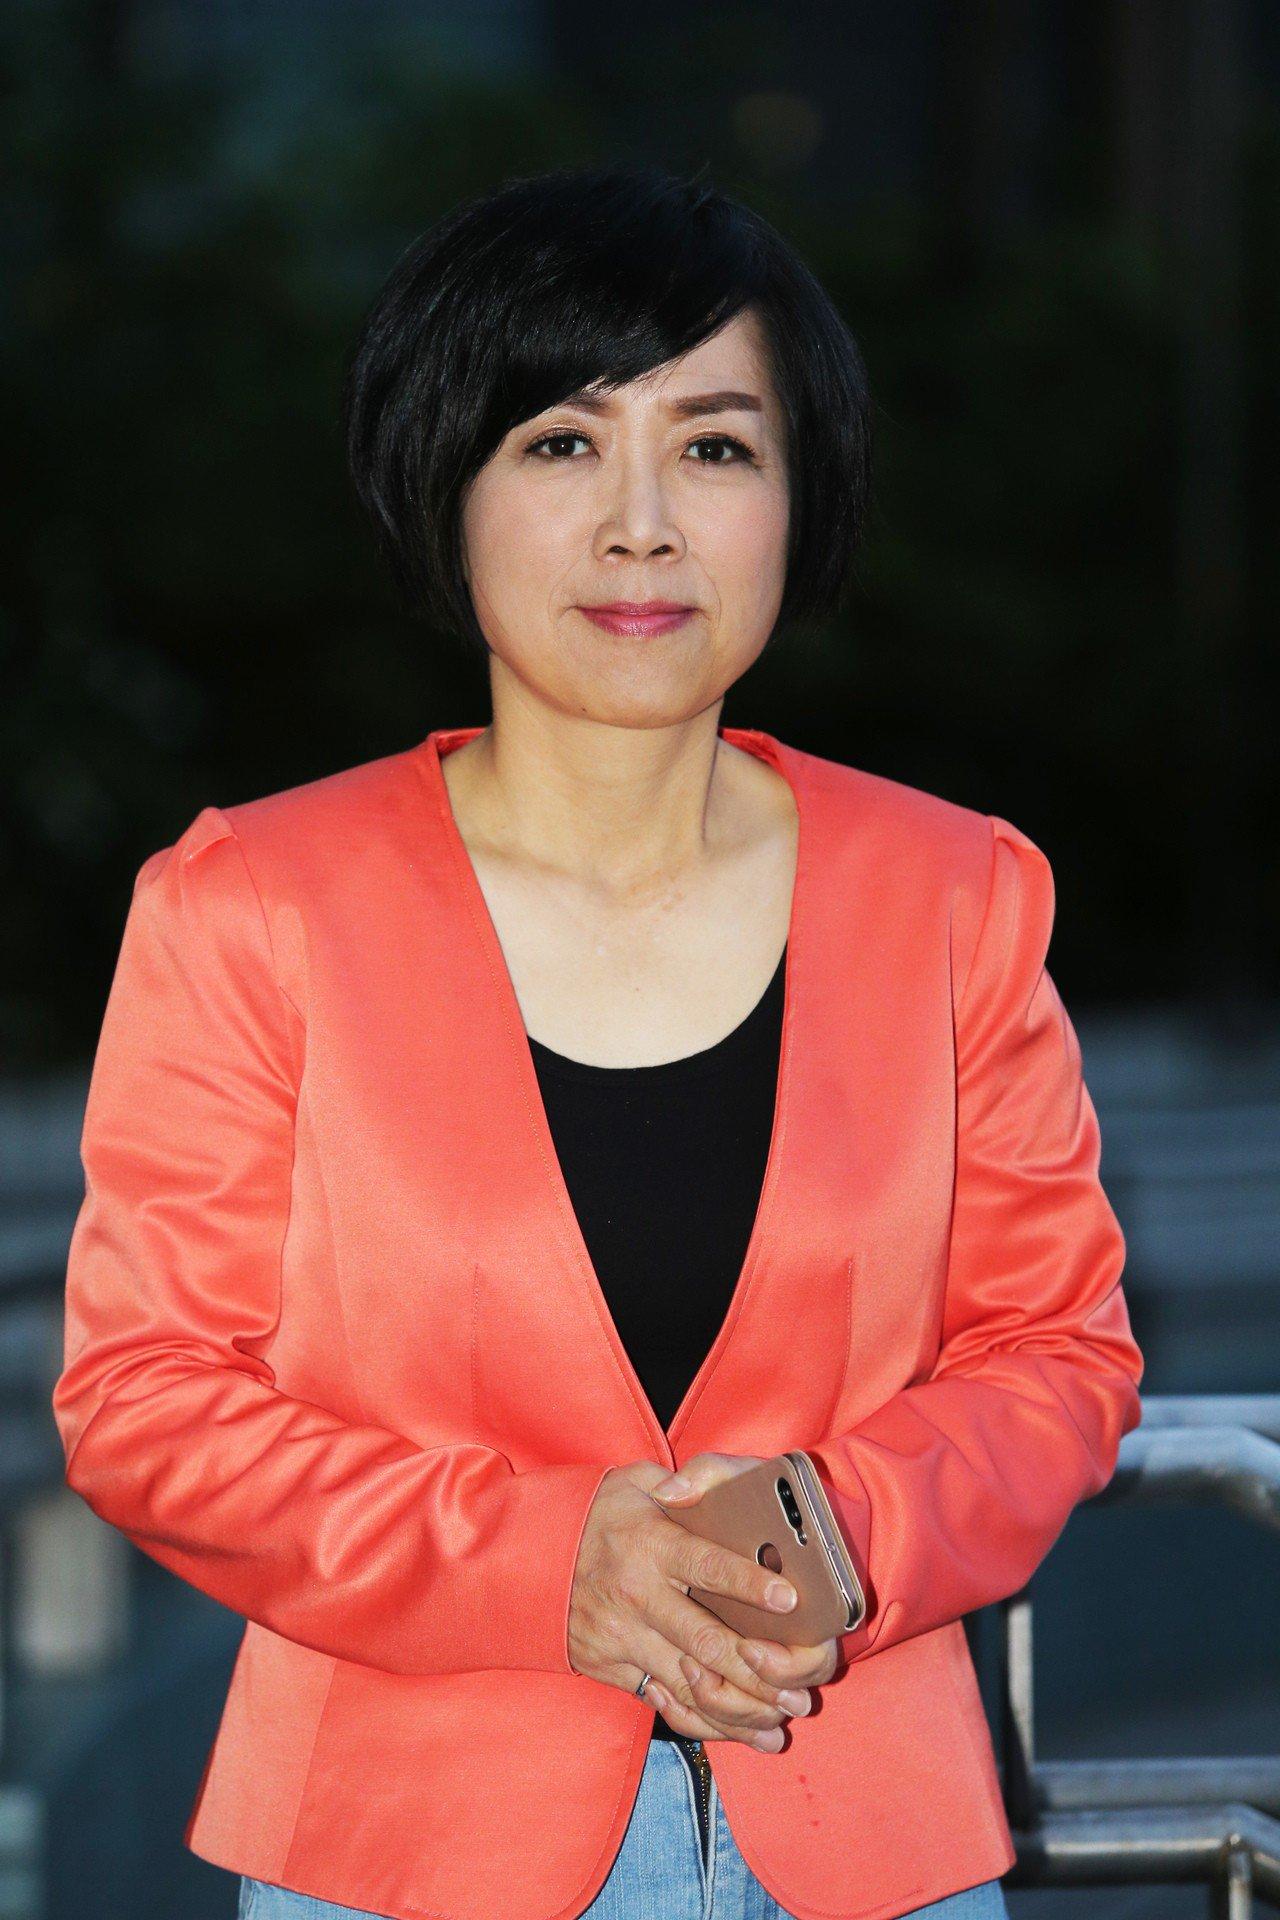 黃智賢表示只要華為繼續做手機,她都會買華為手機。本報資料照